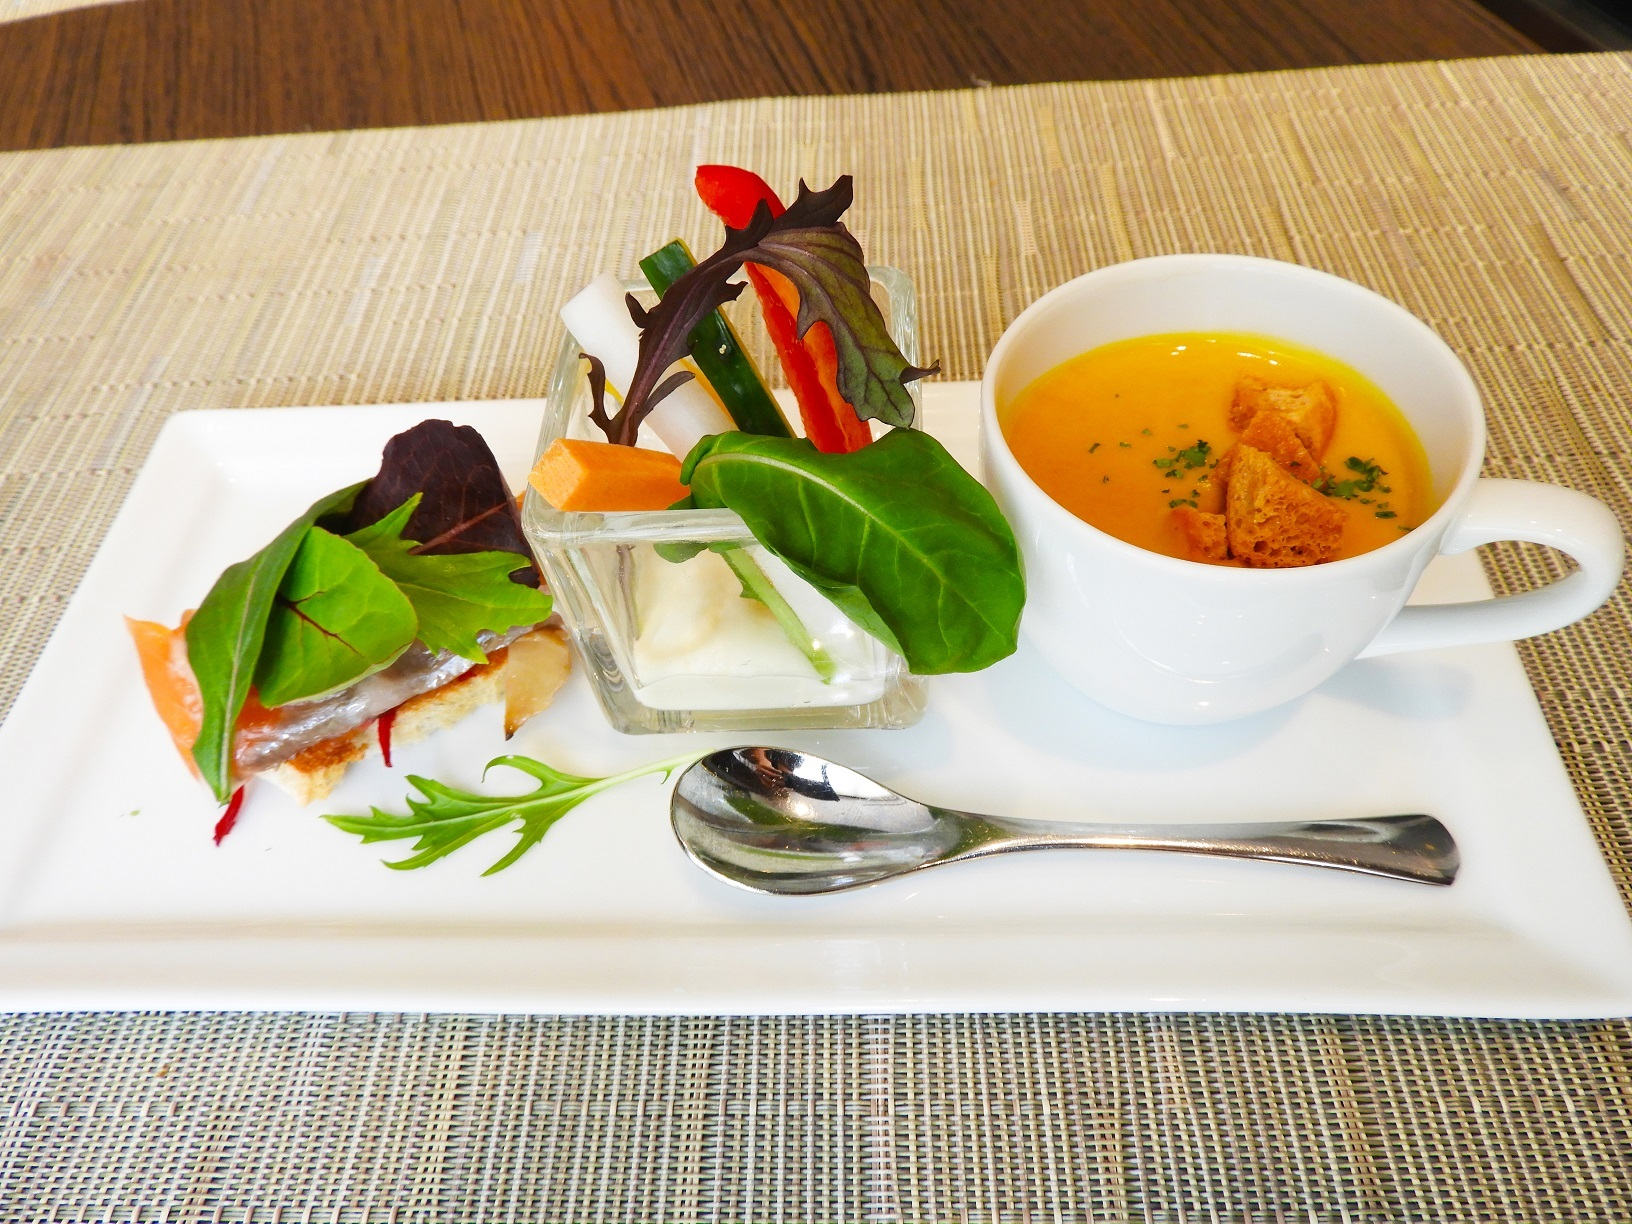 前菜3種(左からサーモンのタルティーヌ・スティックサラダ・かぼちゃのスープ)